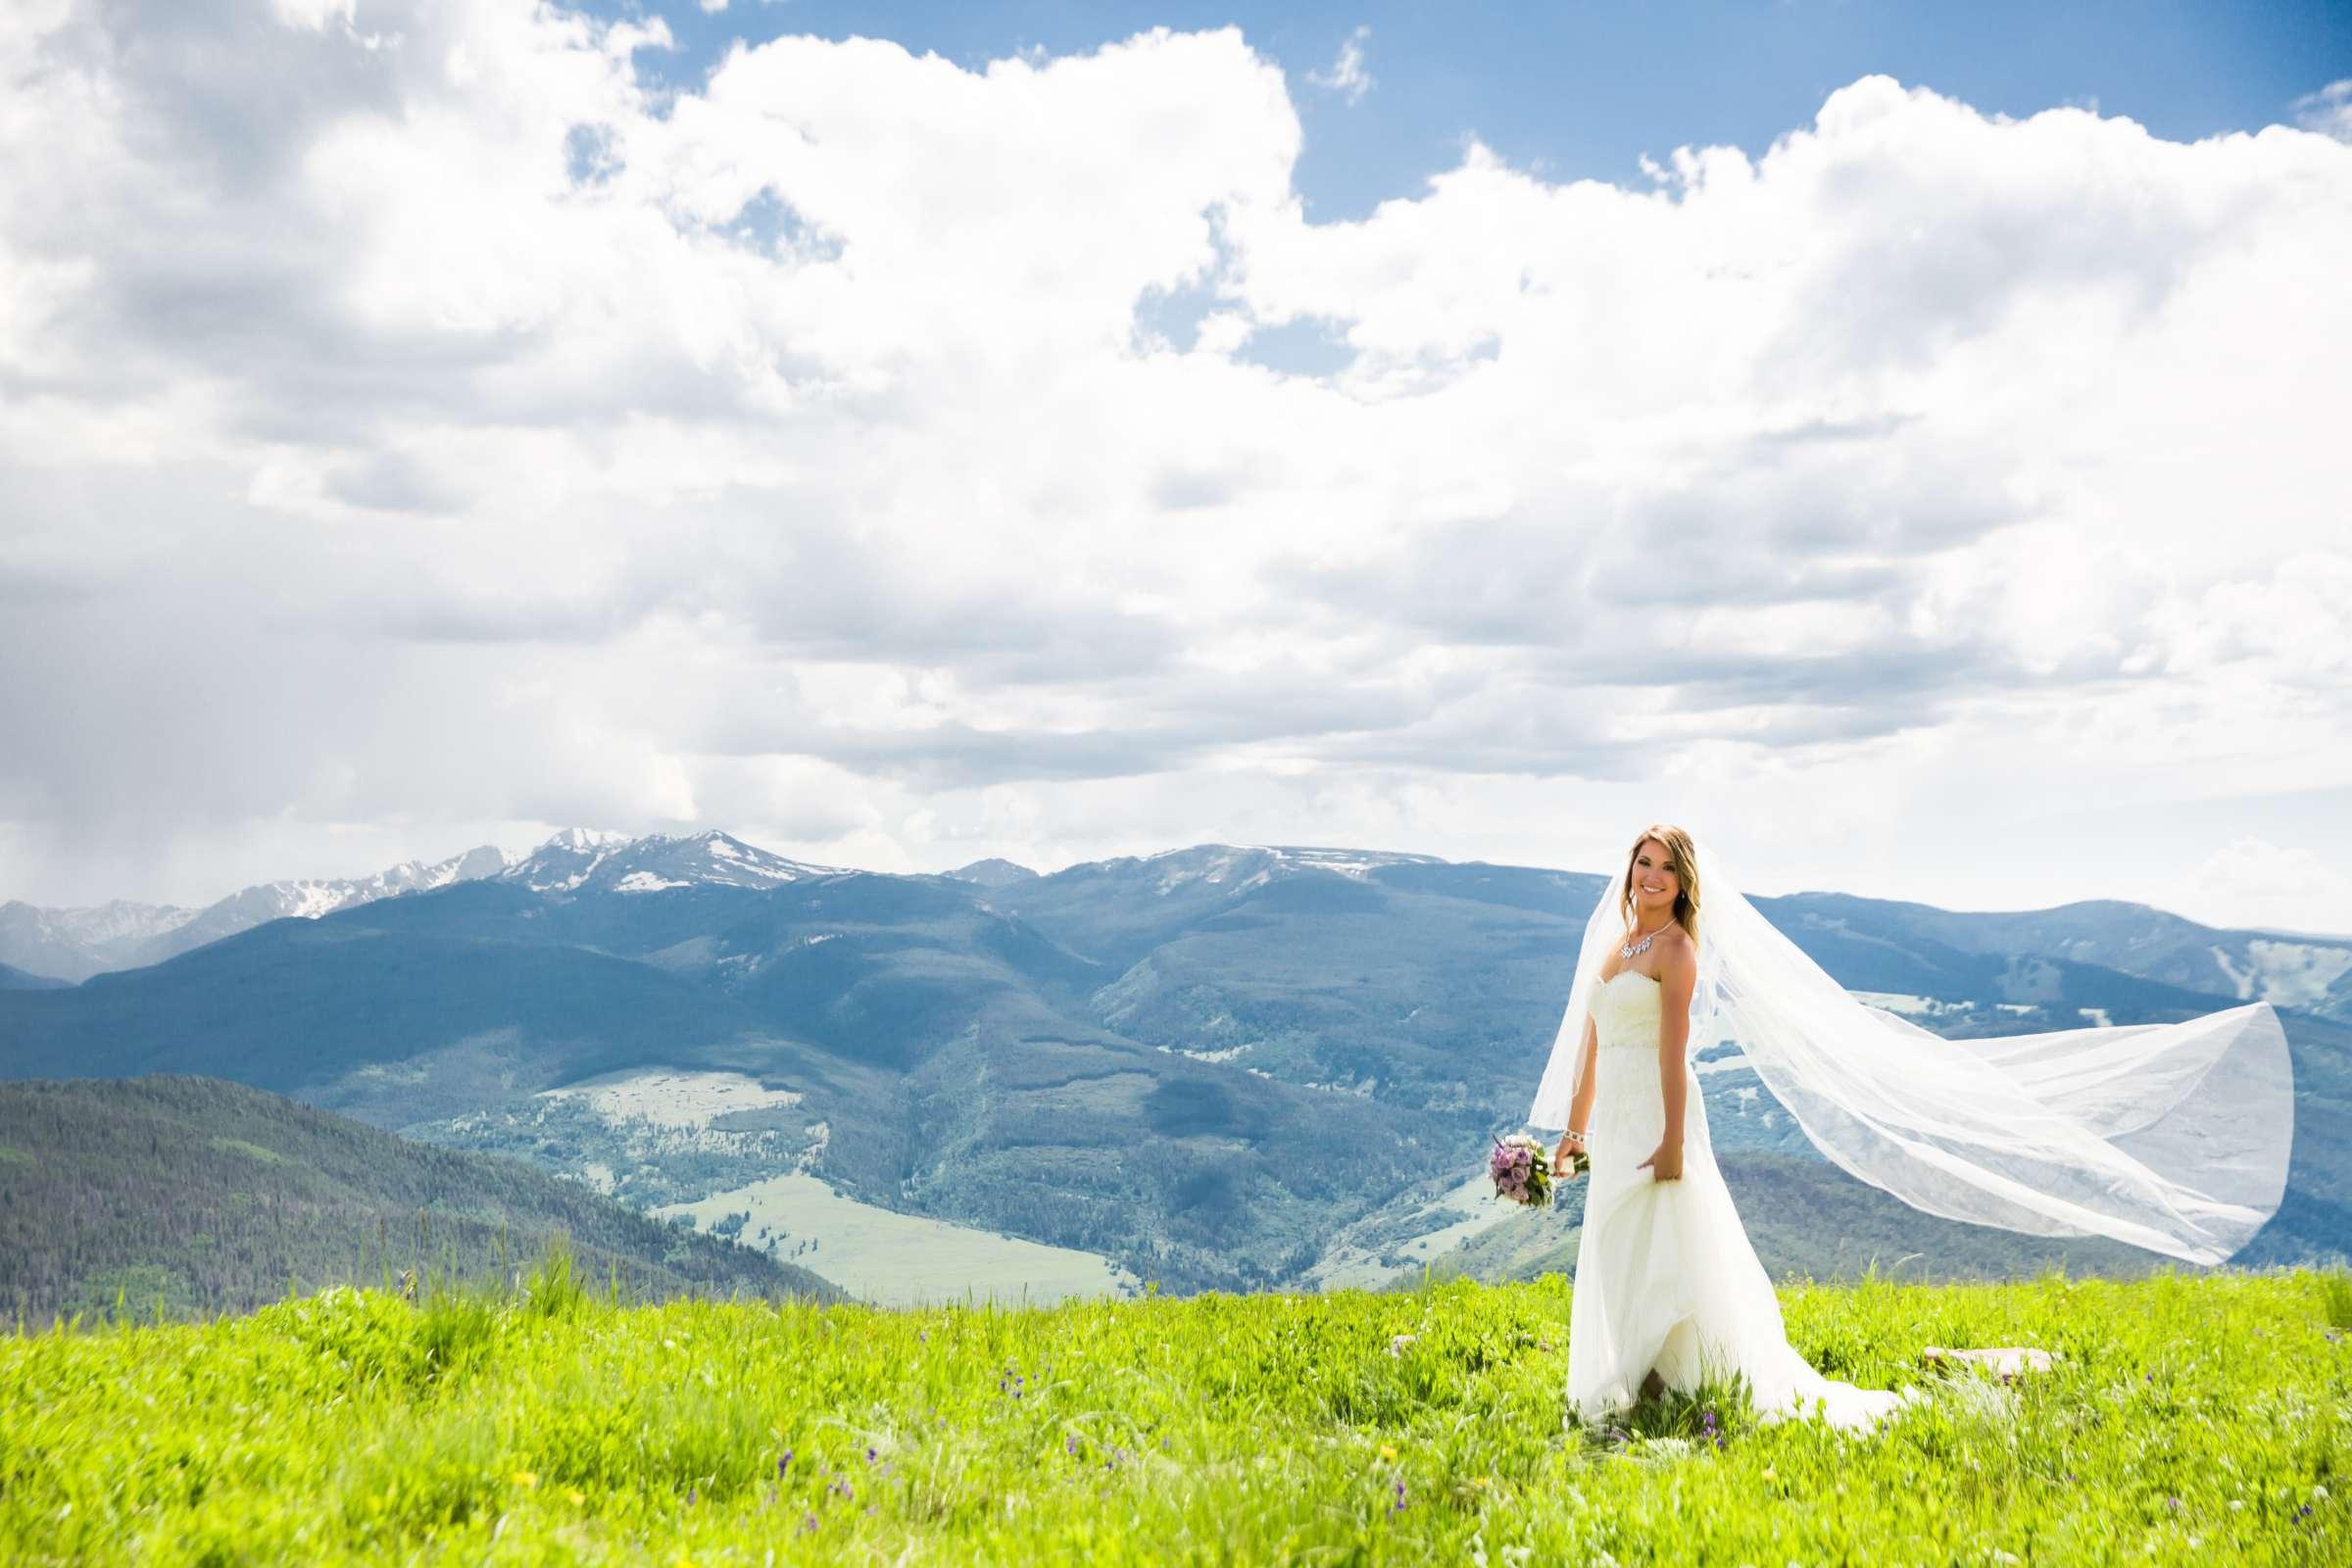 Destination Wedding Photography - Creative Photos, Travel